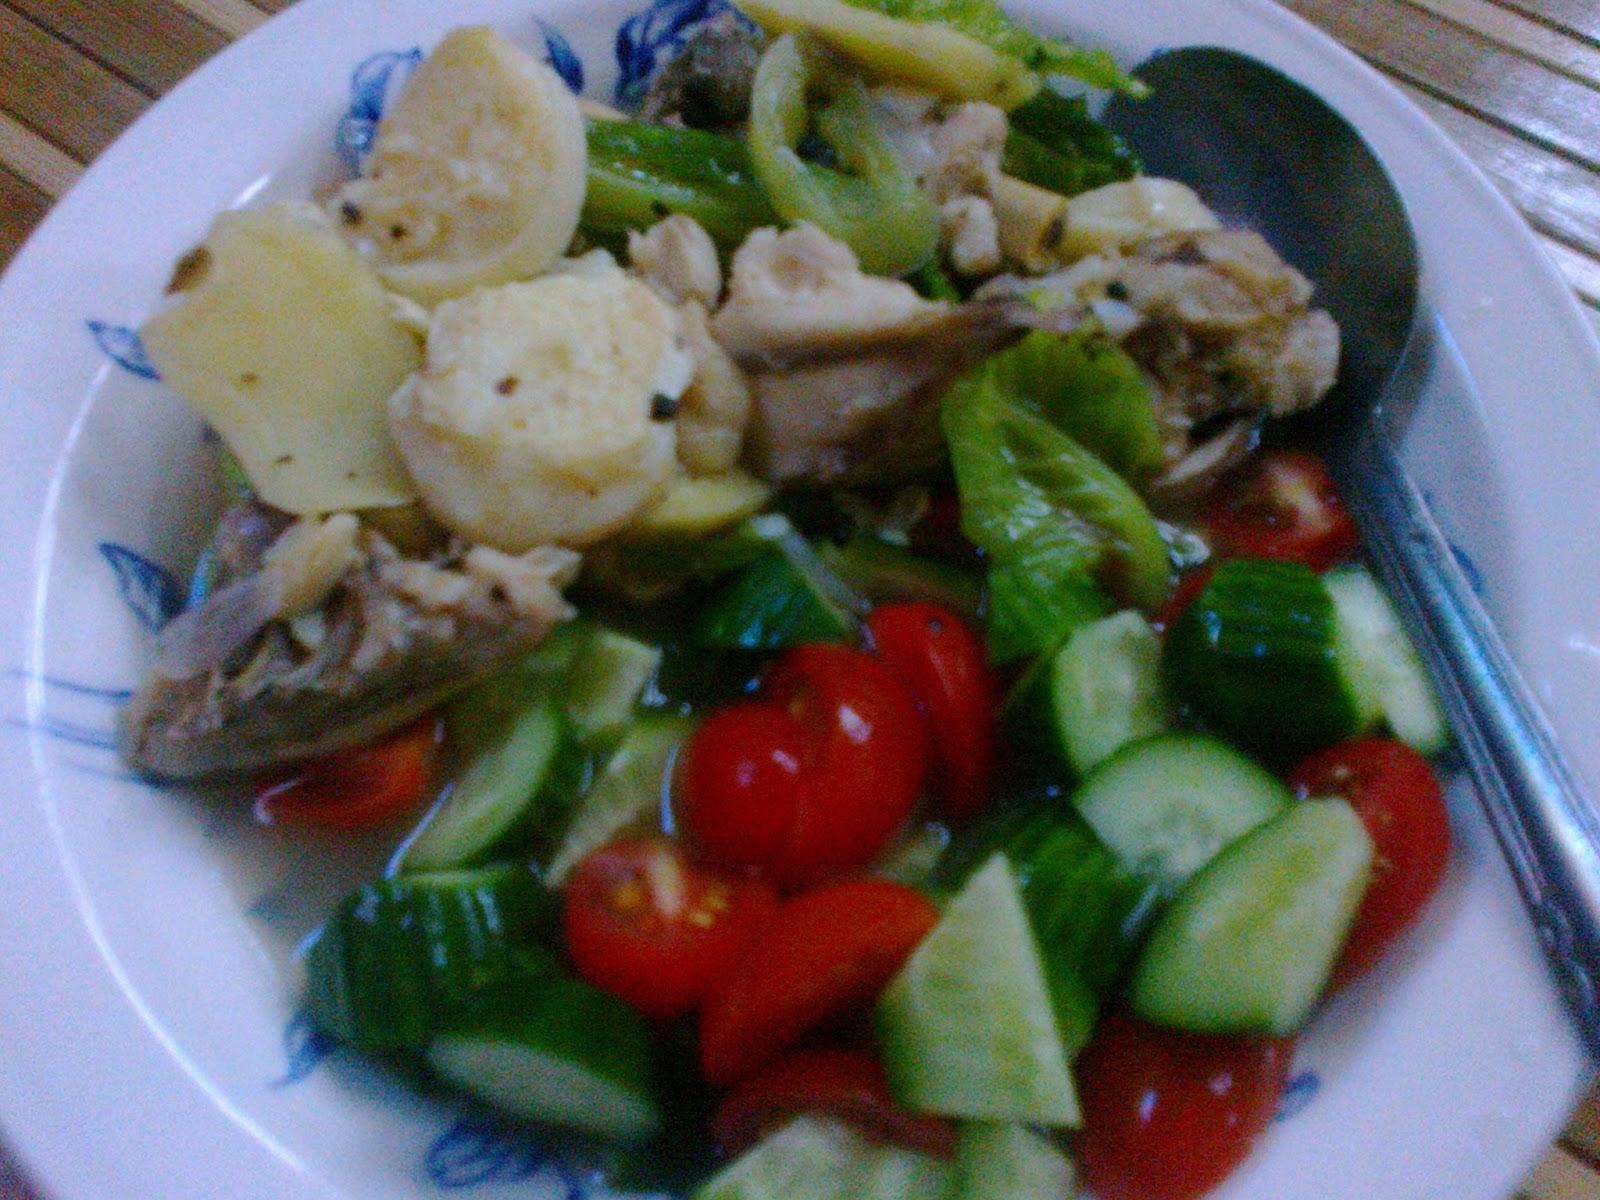 Manfaat bawang putih mentah